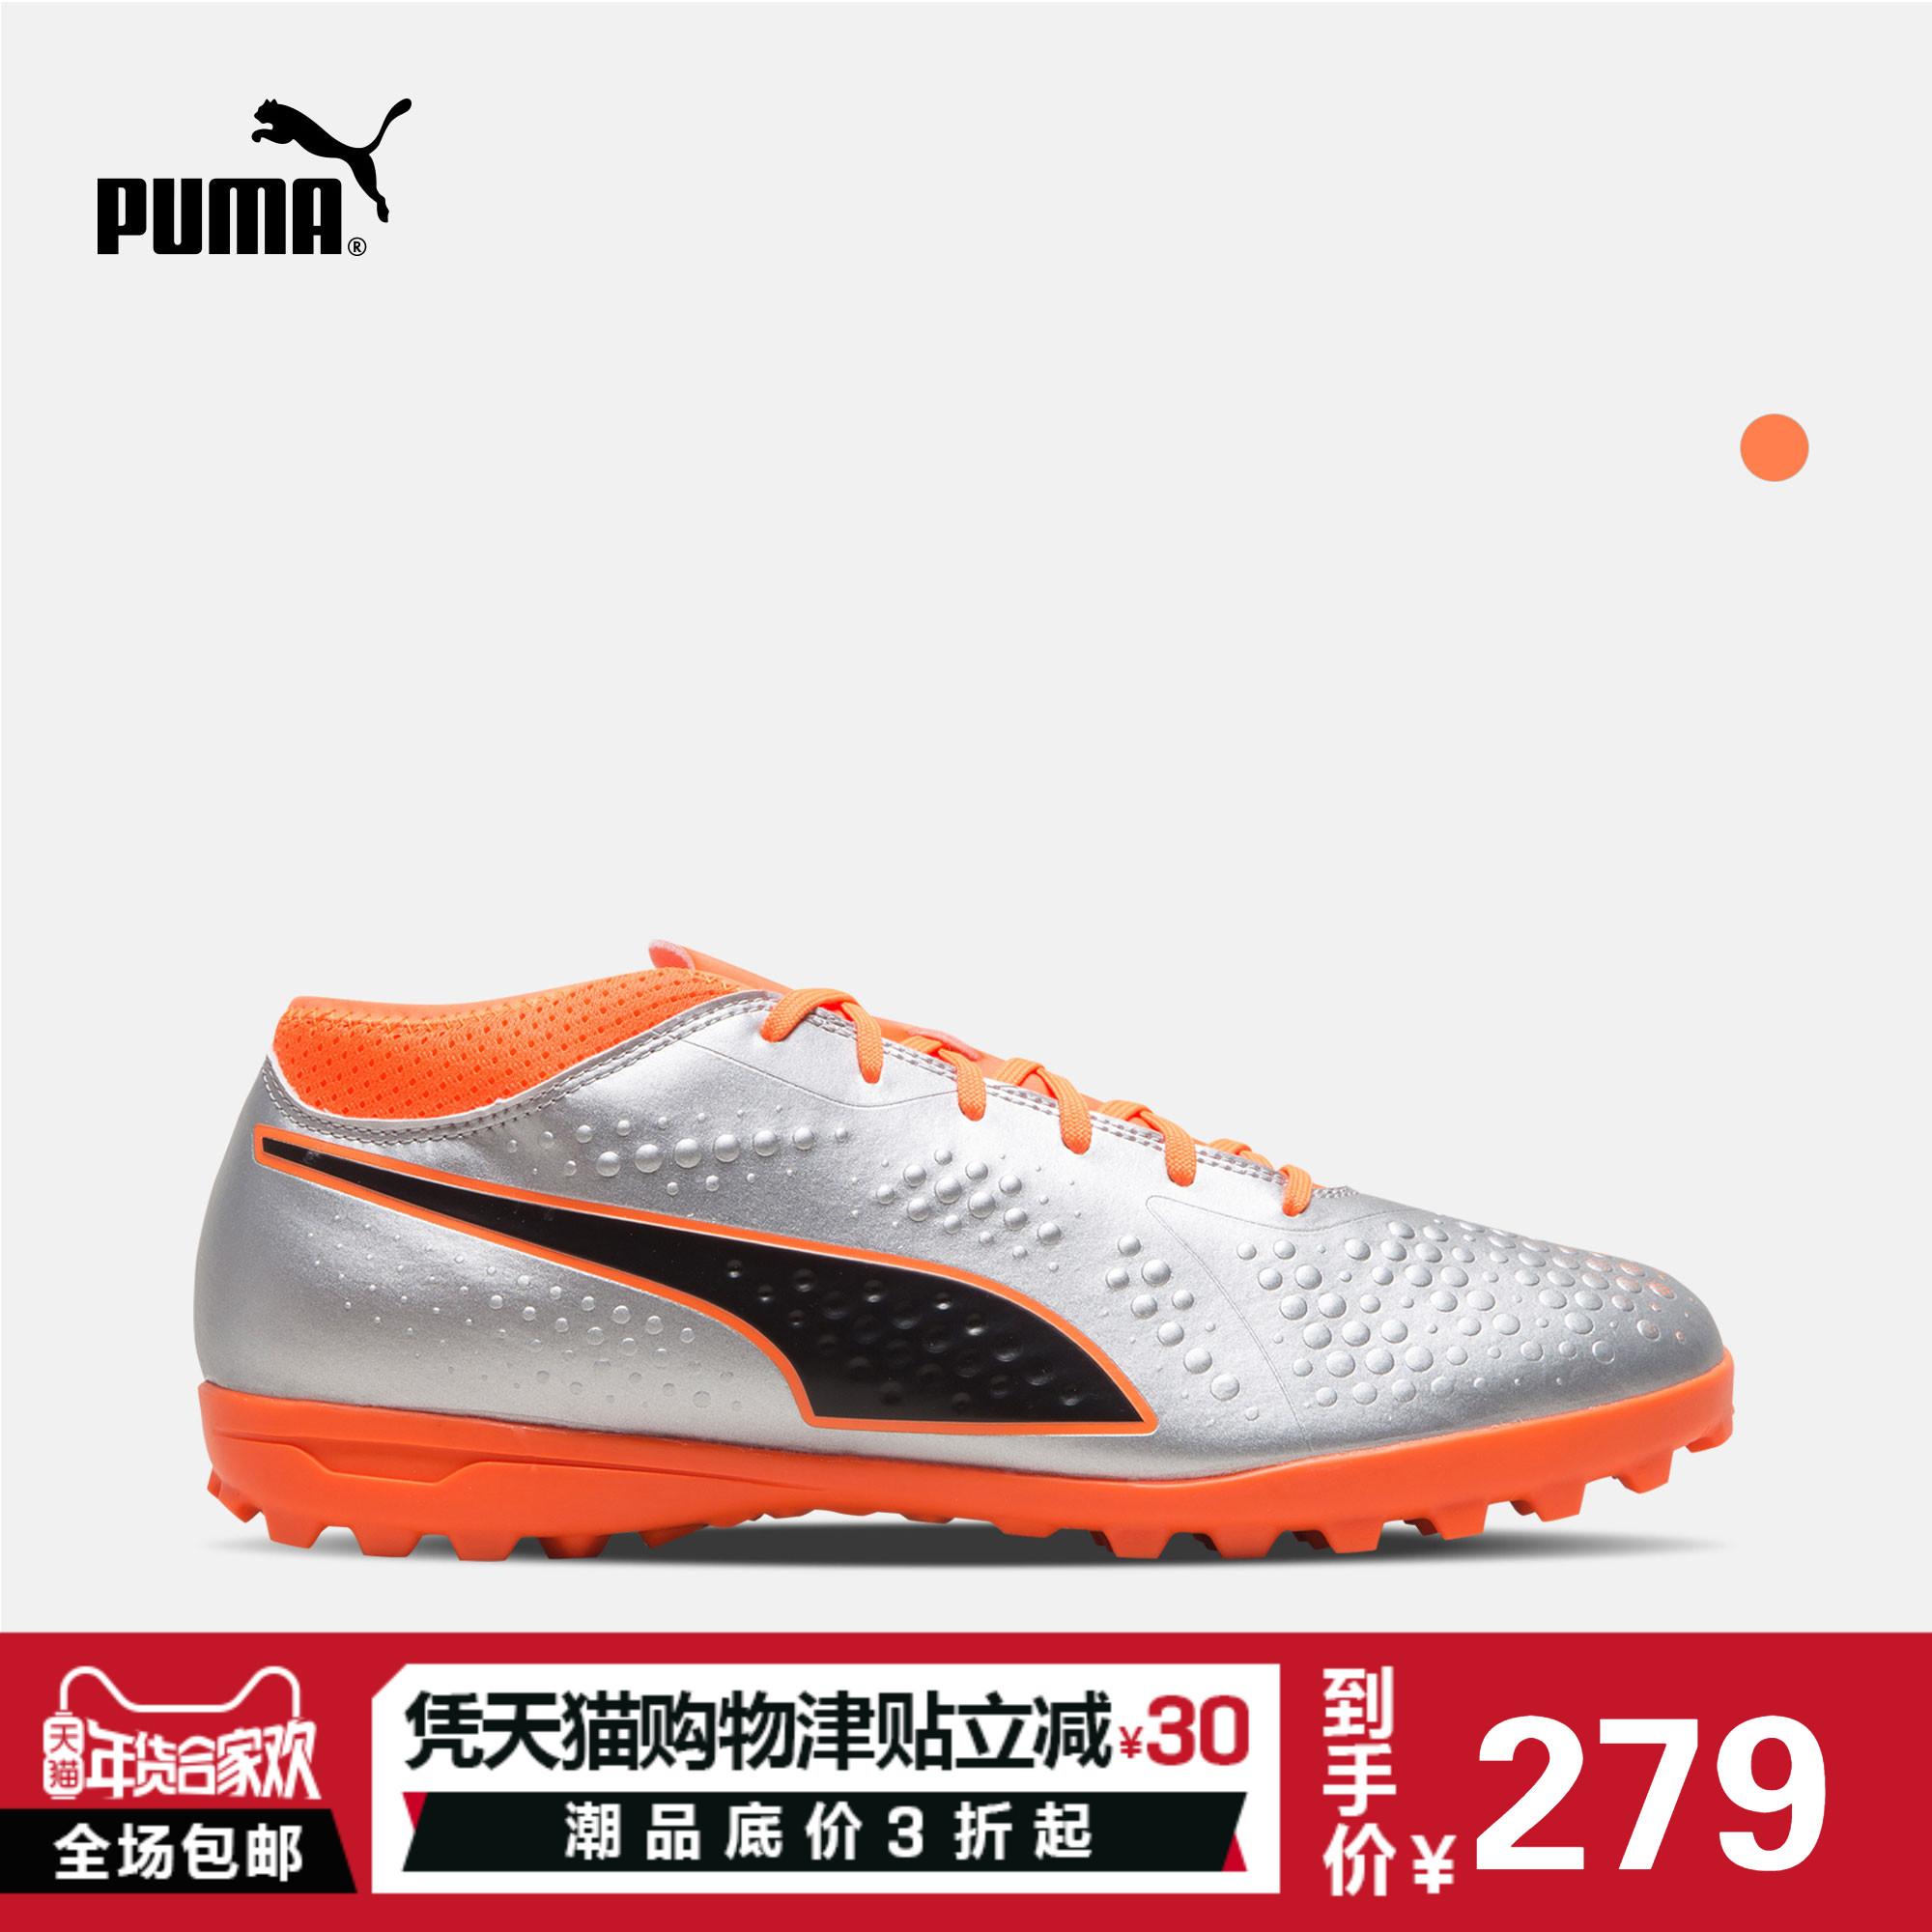 PUMA彪马官方 男子足球鞋 PUMA ONE 4 Syn TT 104751